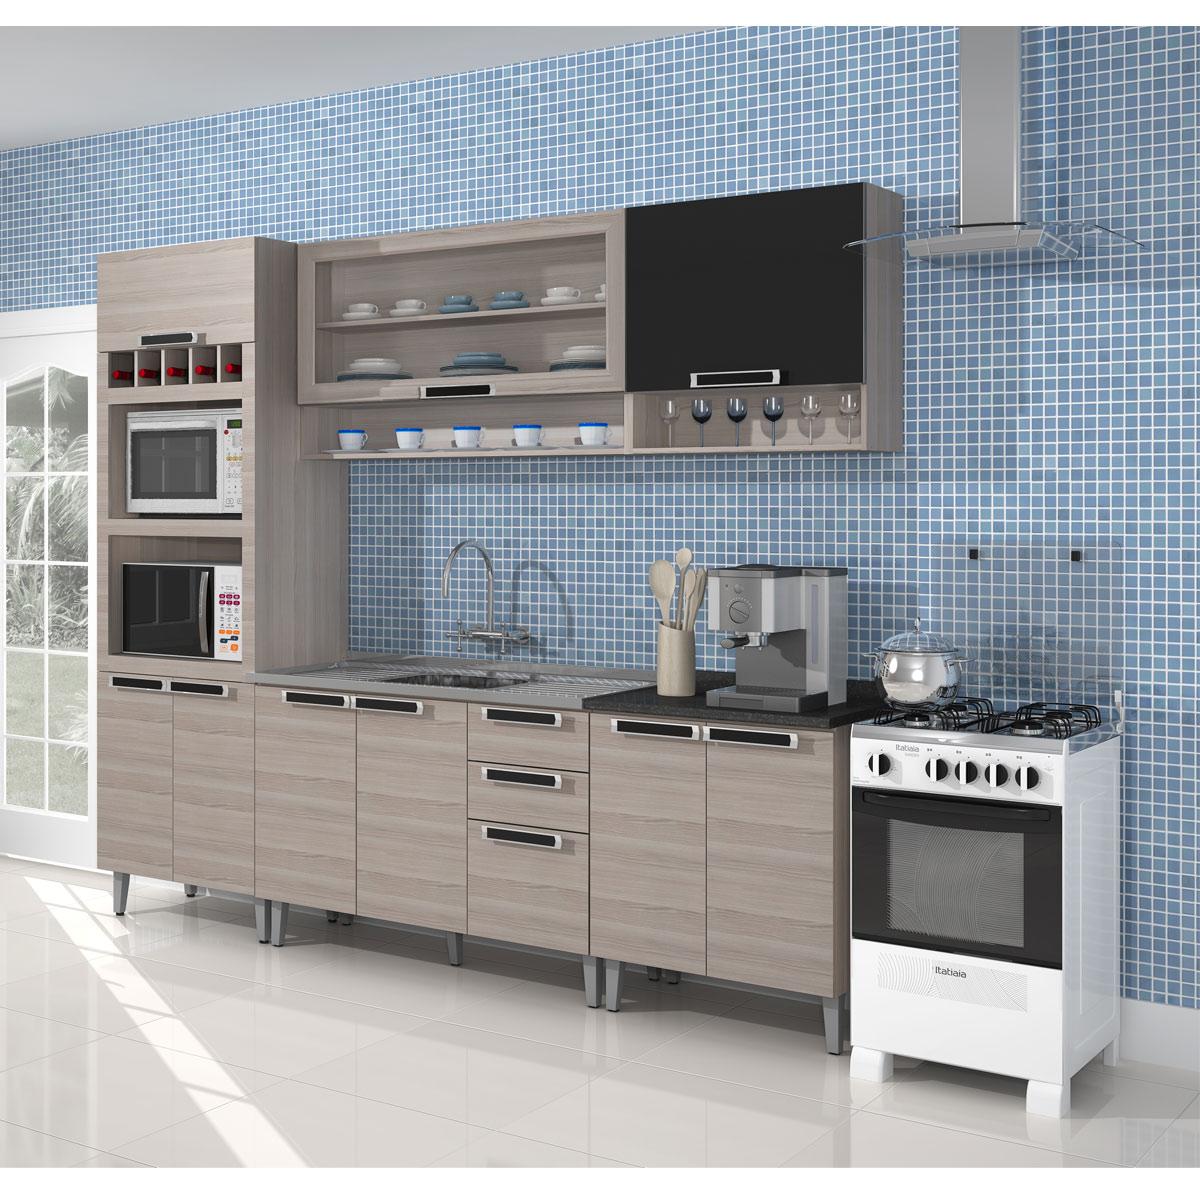 Cozinhas Completas Diferentes Modelos e Marcas Ideias Mix #4C677F 1200 1200